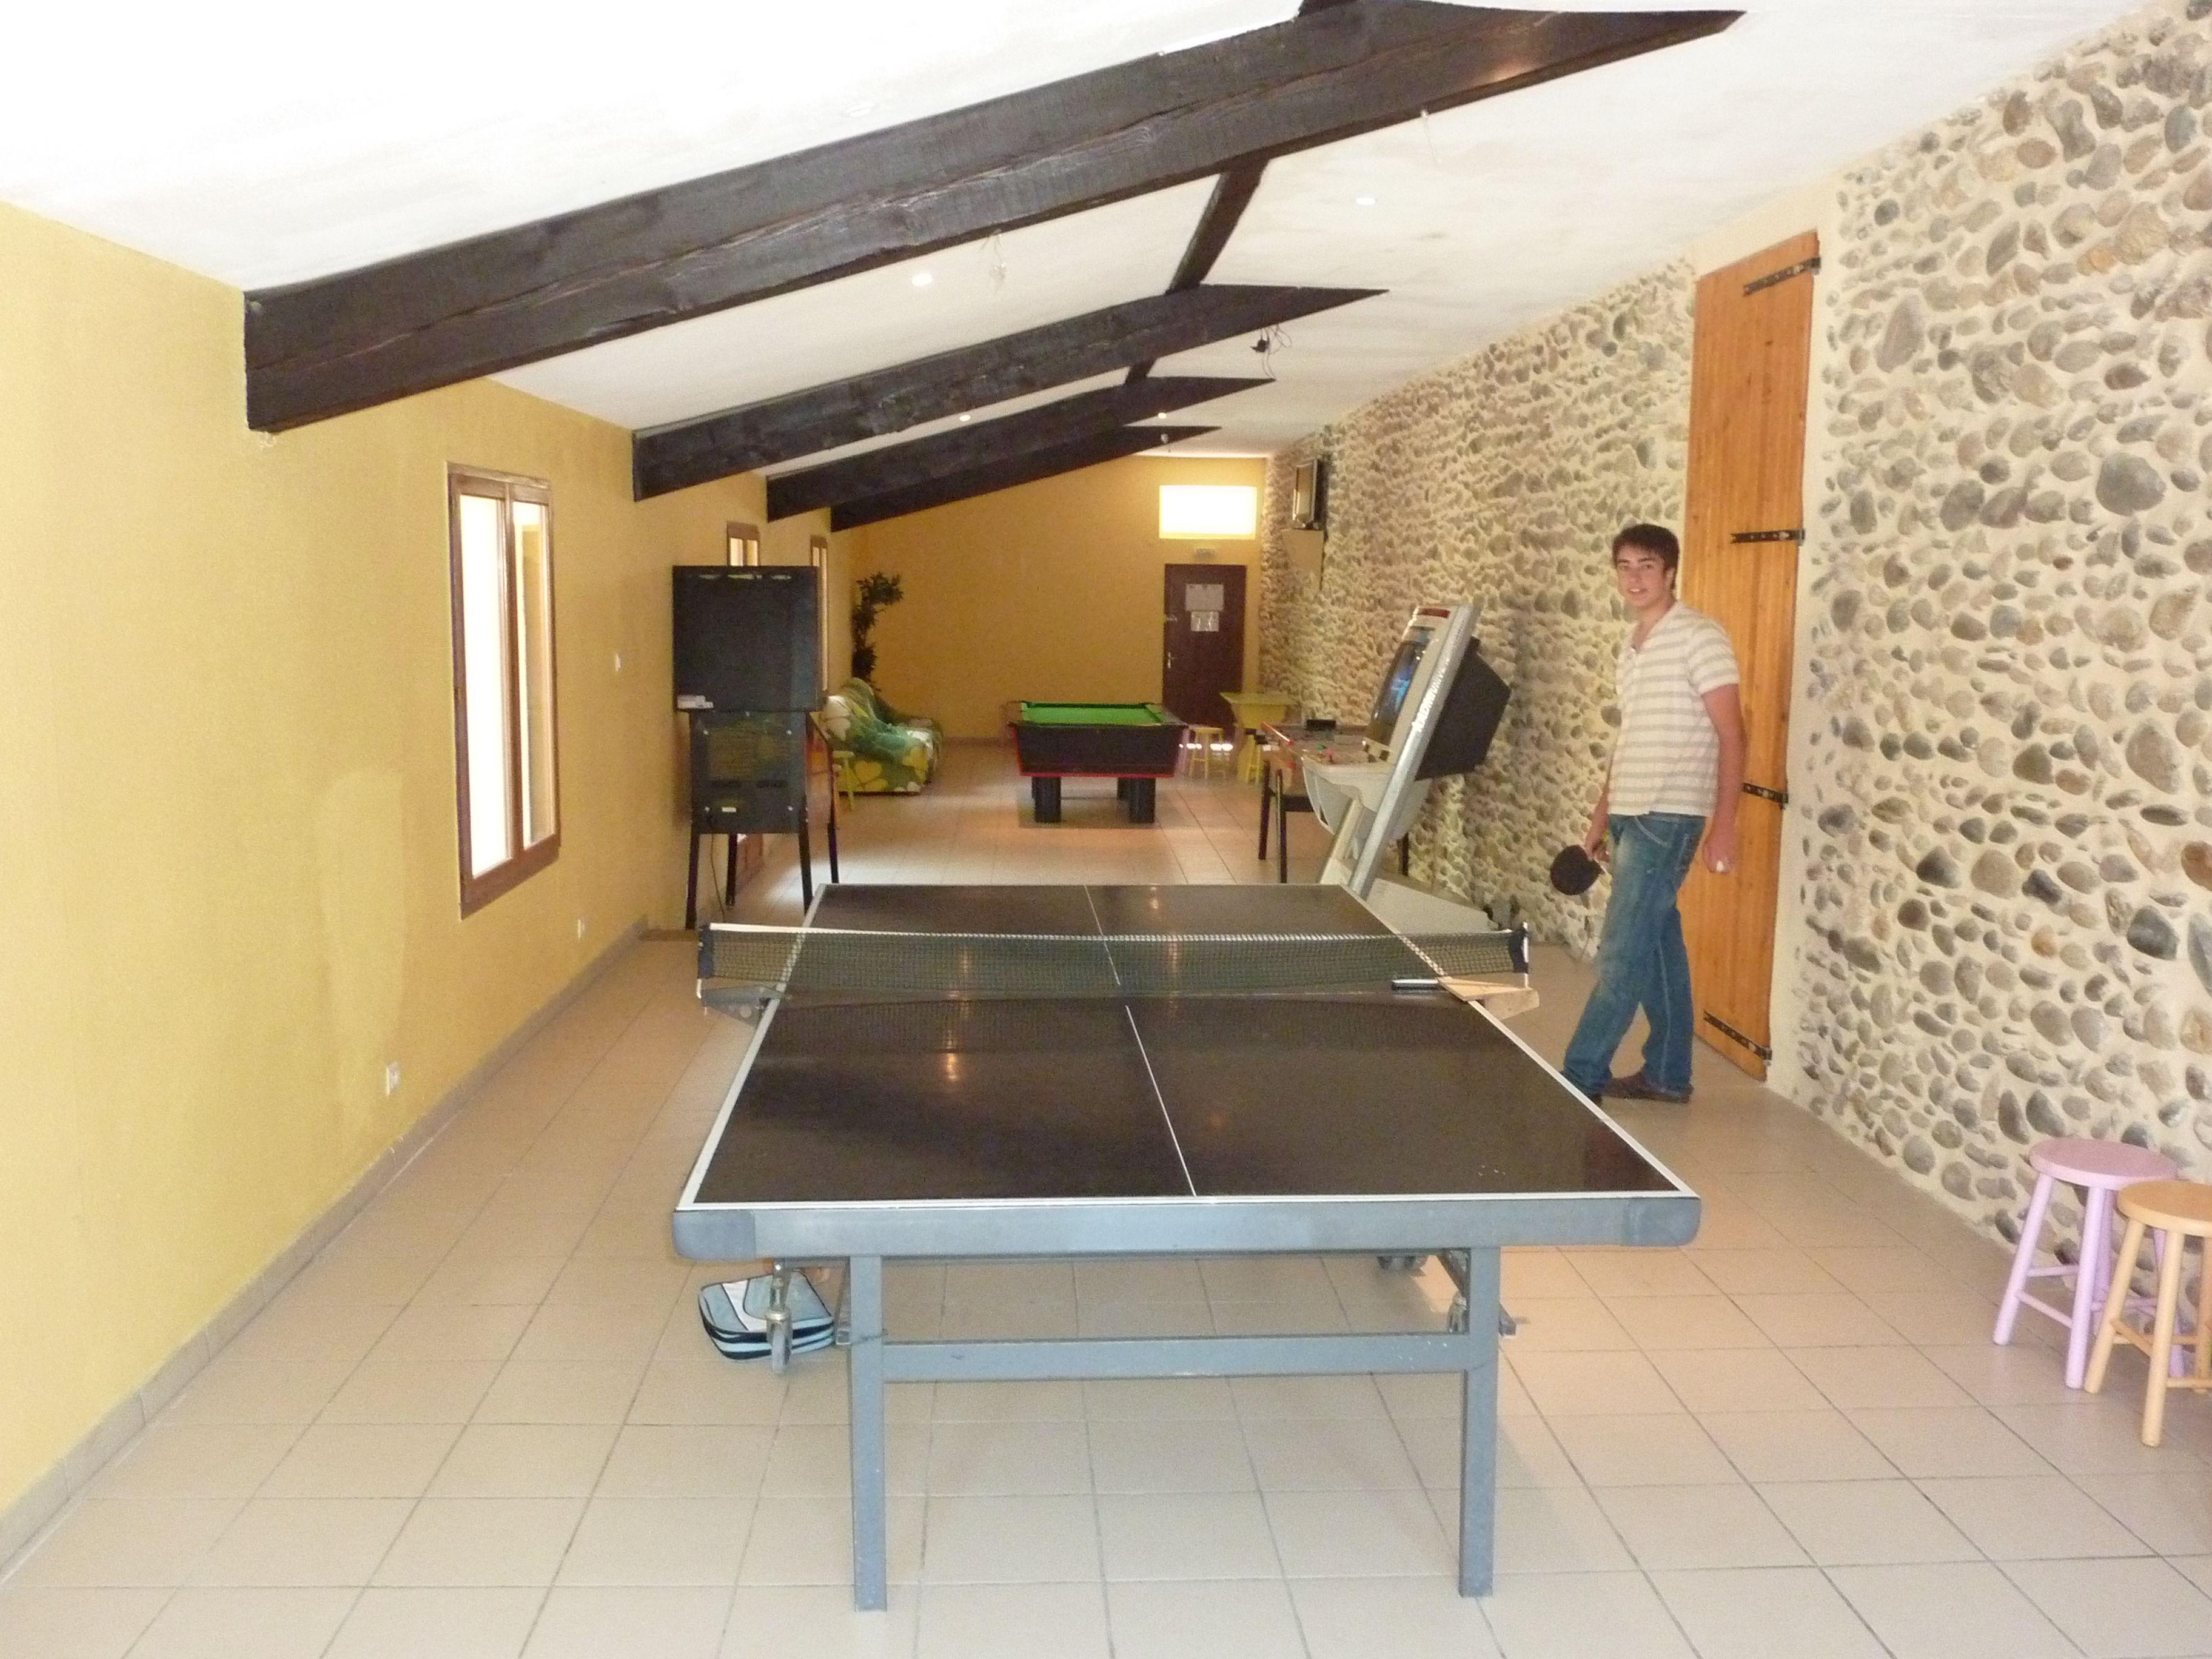 grande salle de jeux pour les adultes comme pour les. Black Bedroom Furniture Sets. Home Design Ideas